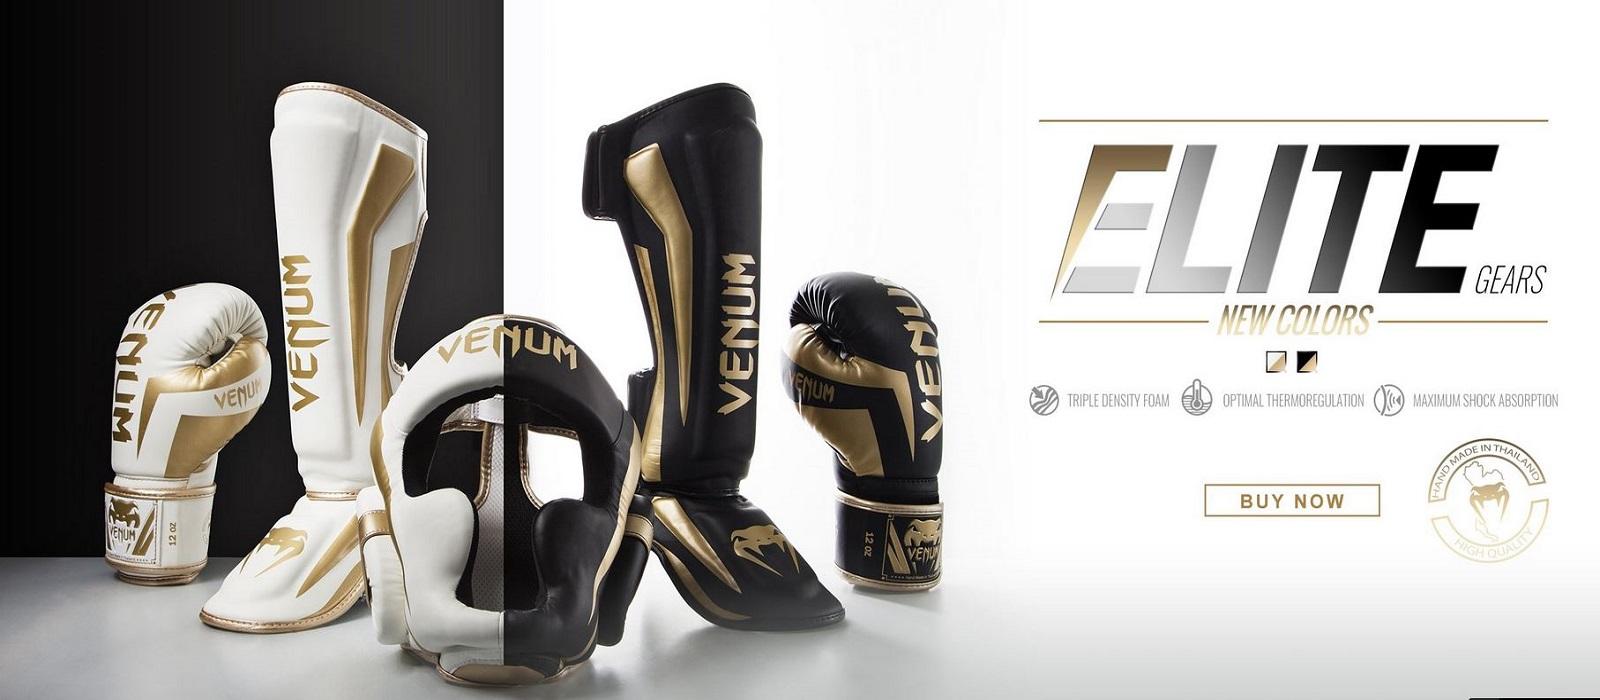 Venum Schienbeinschützer Elite White//Gold,Schienbeinschoner Muay Thai Kickboxen